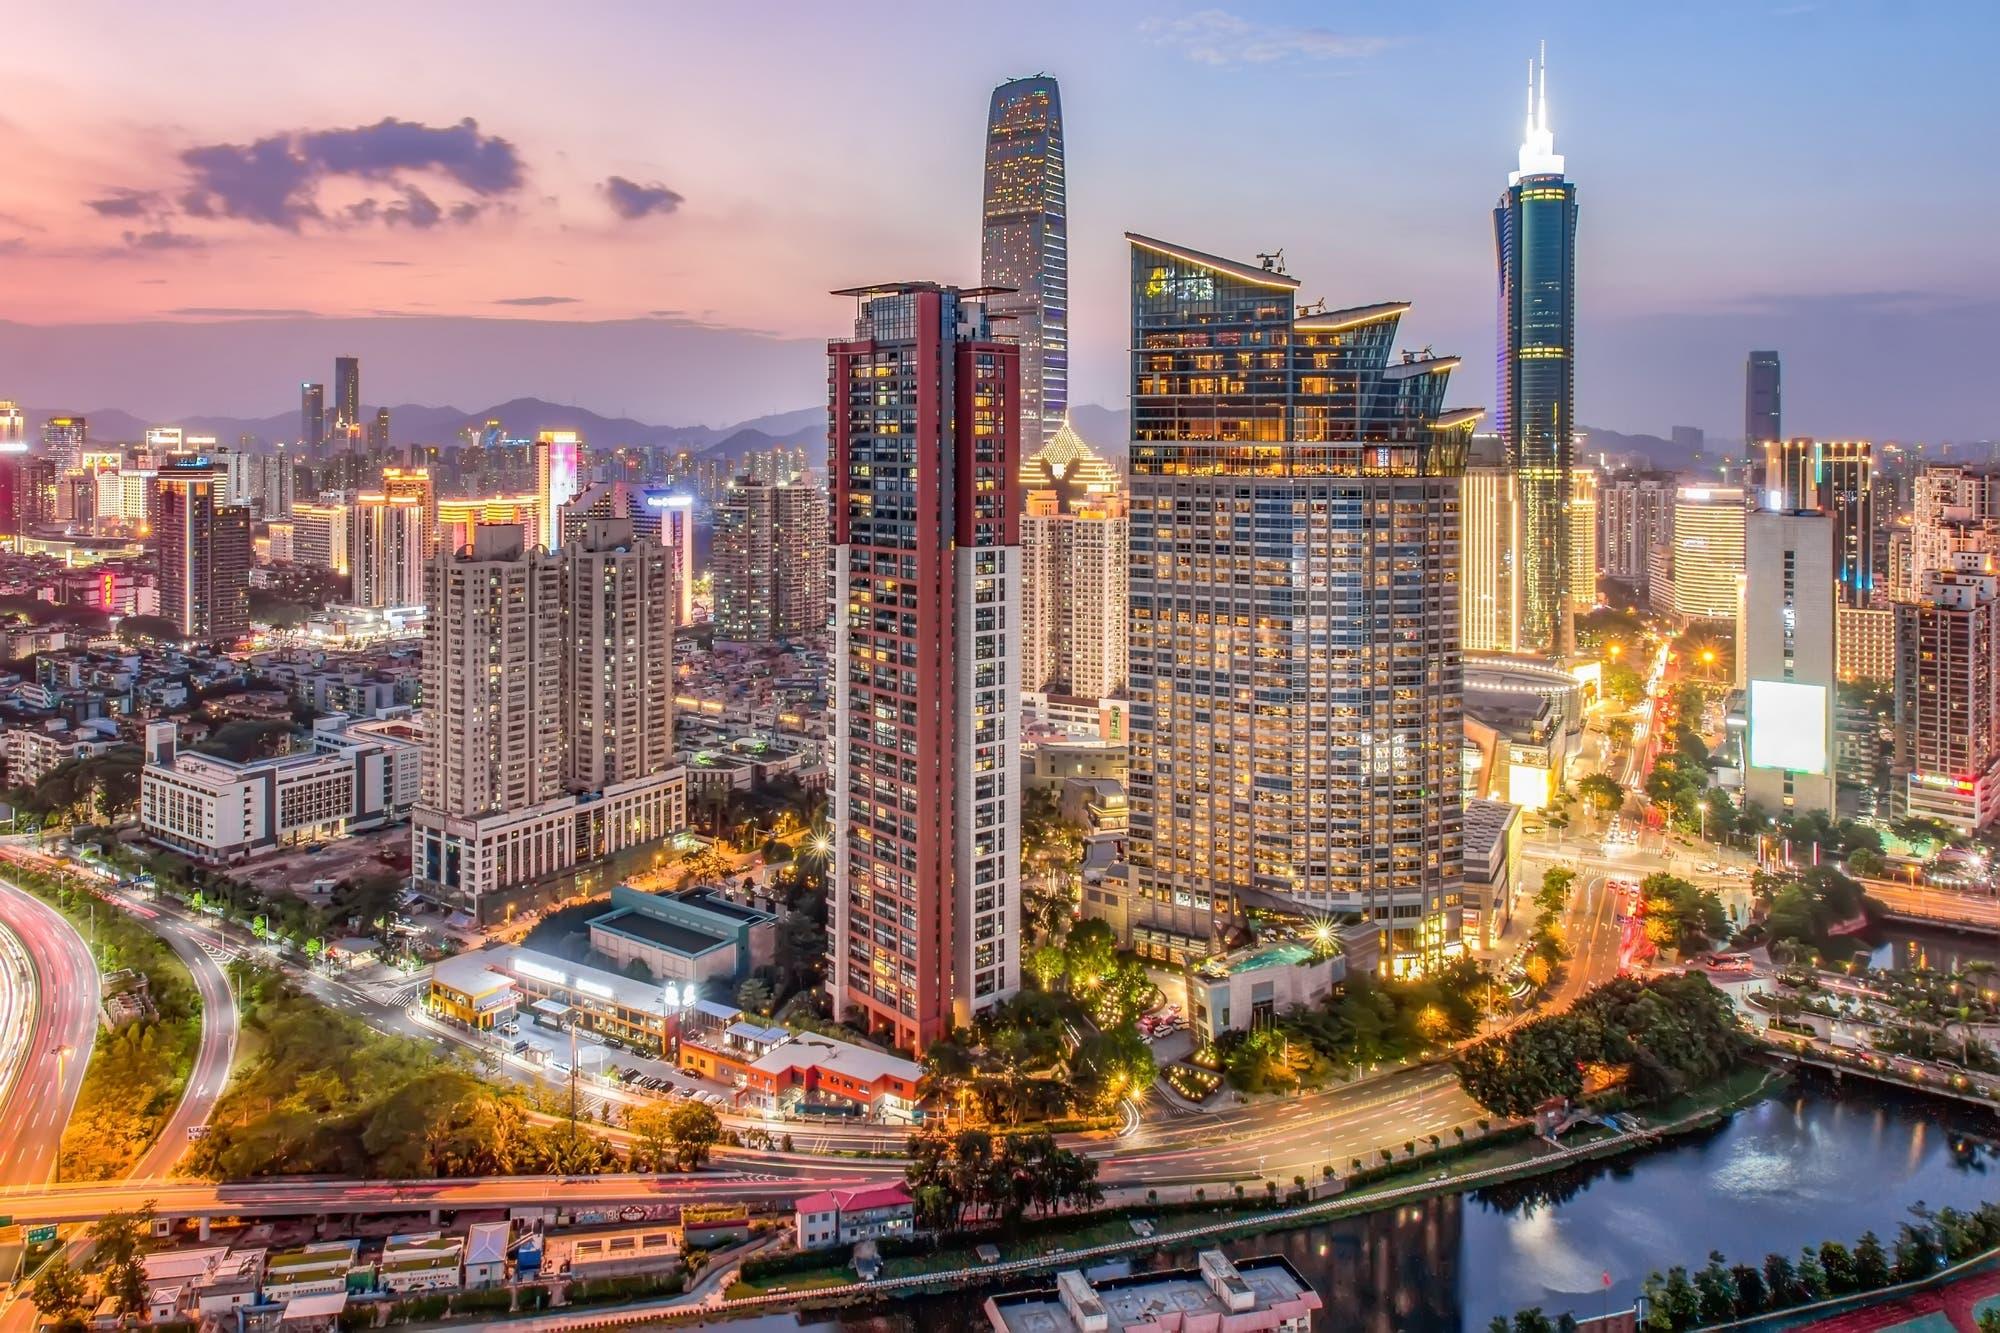 Estudiantes argentinos viajan a China para capacitarse en inteligencia artificial y telecomunicaciones